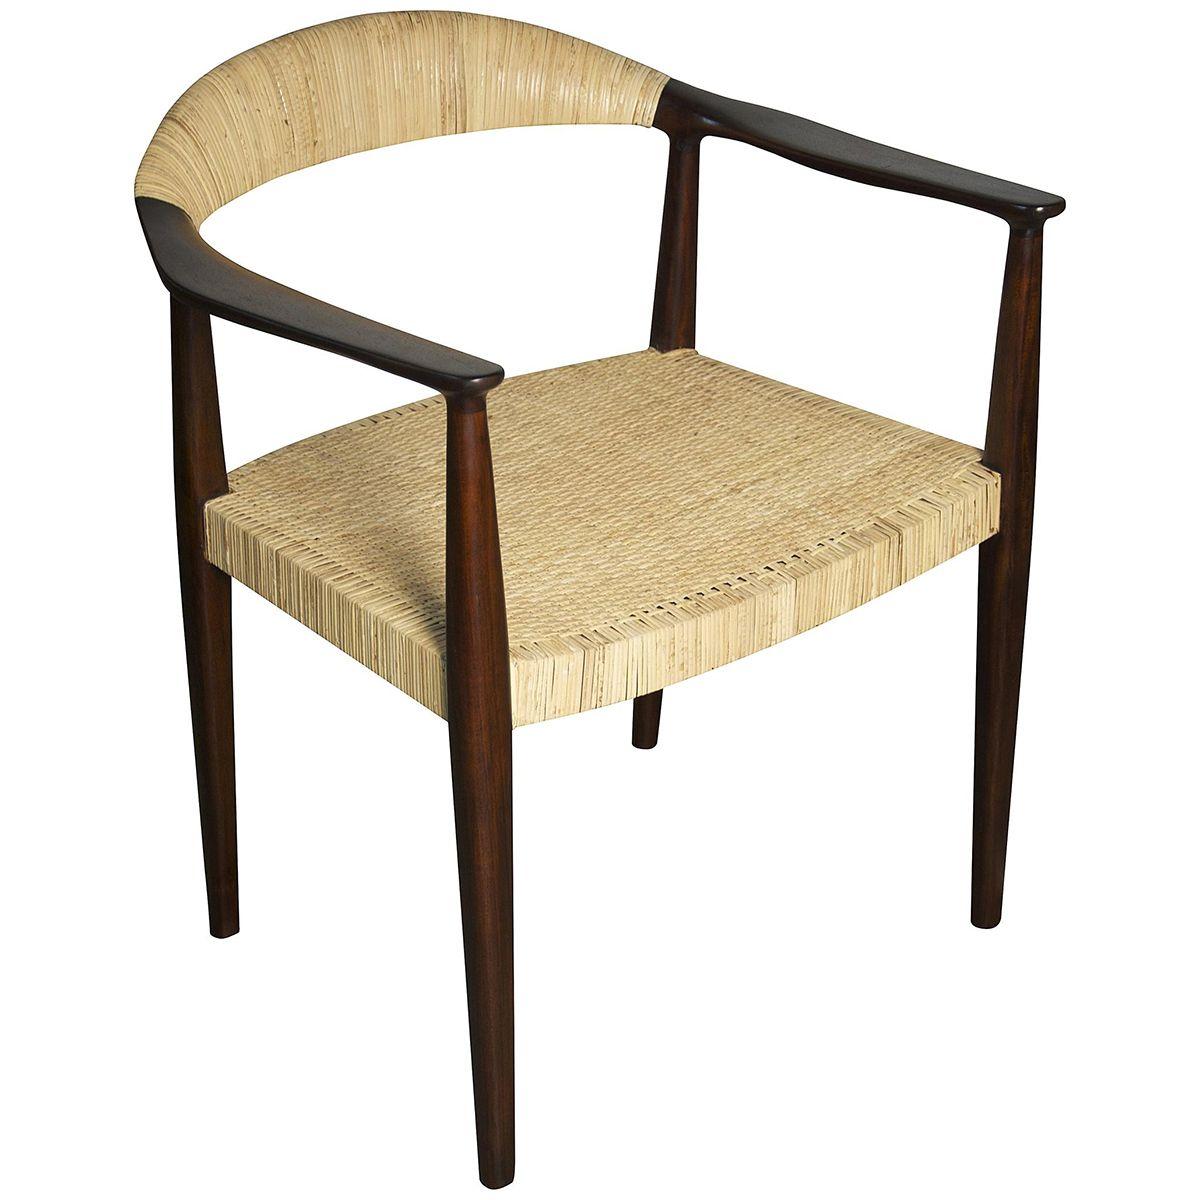 Hans Olsen Teak Lounge Chair For Jorgen Jorgensen 1956 Furniture Design Furniture Chair